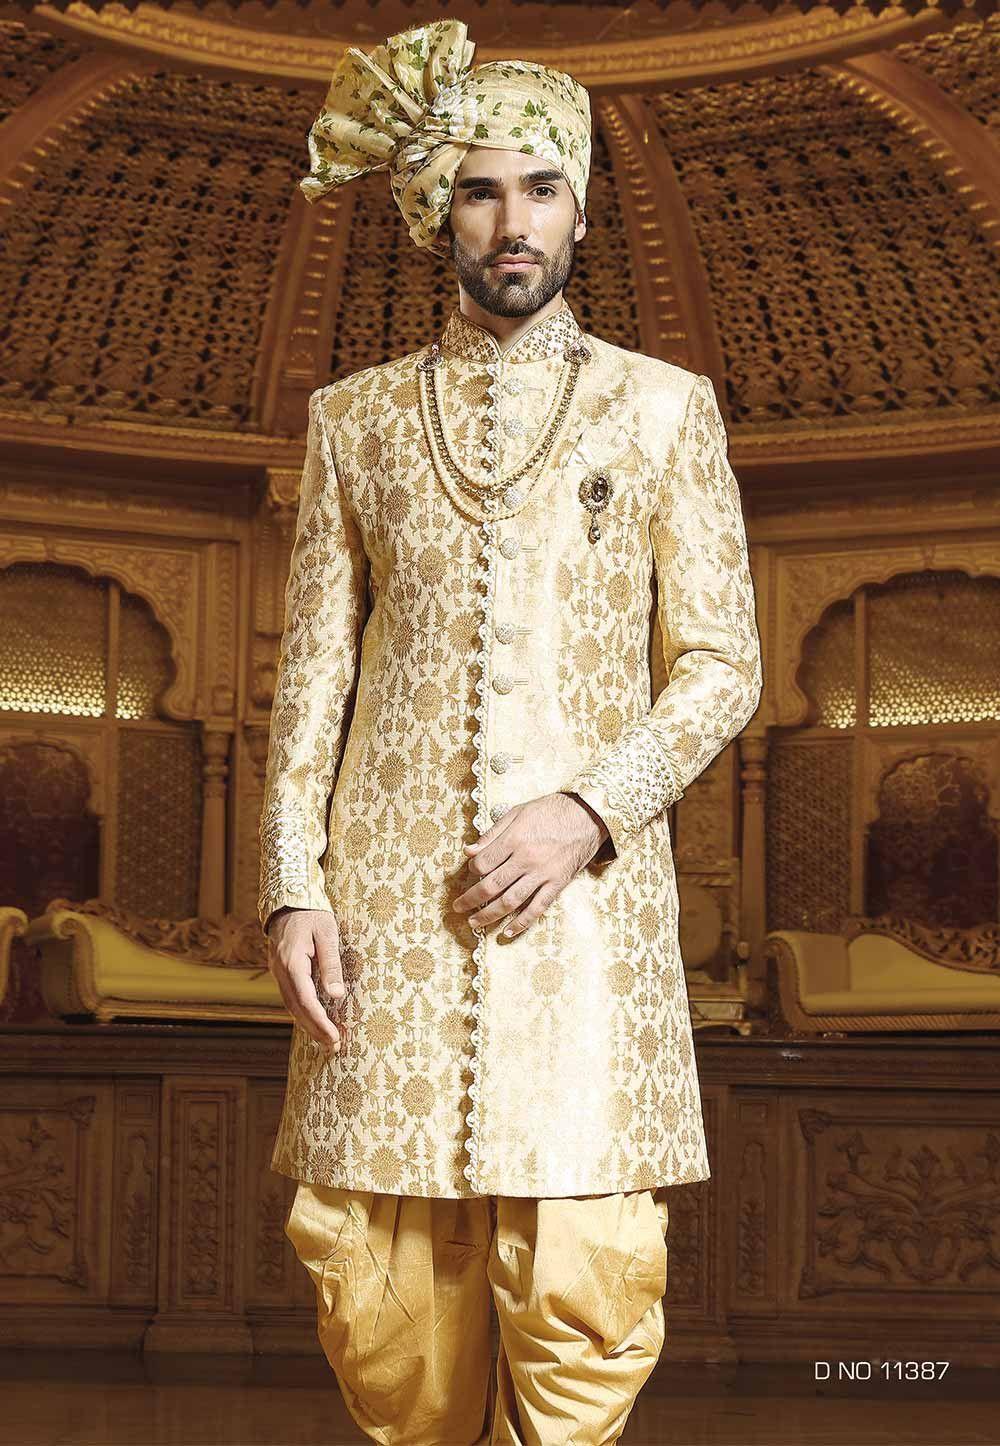 ef1404dc27 Golden Color Indian Designer Sherwani. | Indian wedding sherwani in ...